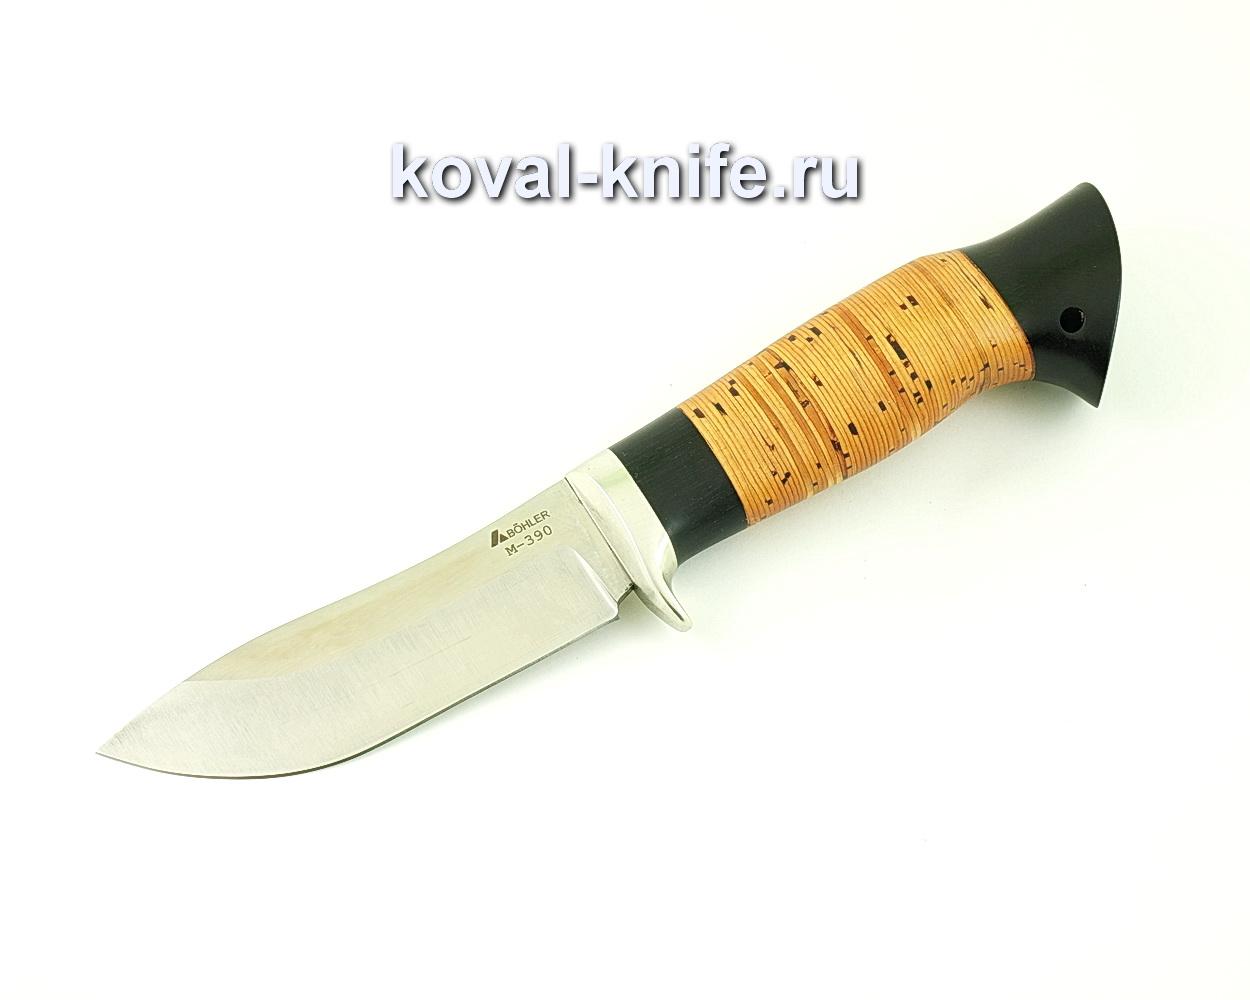 Нож из порошковой стали М390 Кабан (рукоять береста и граб) A510